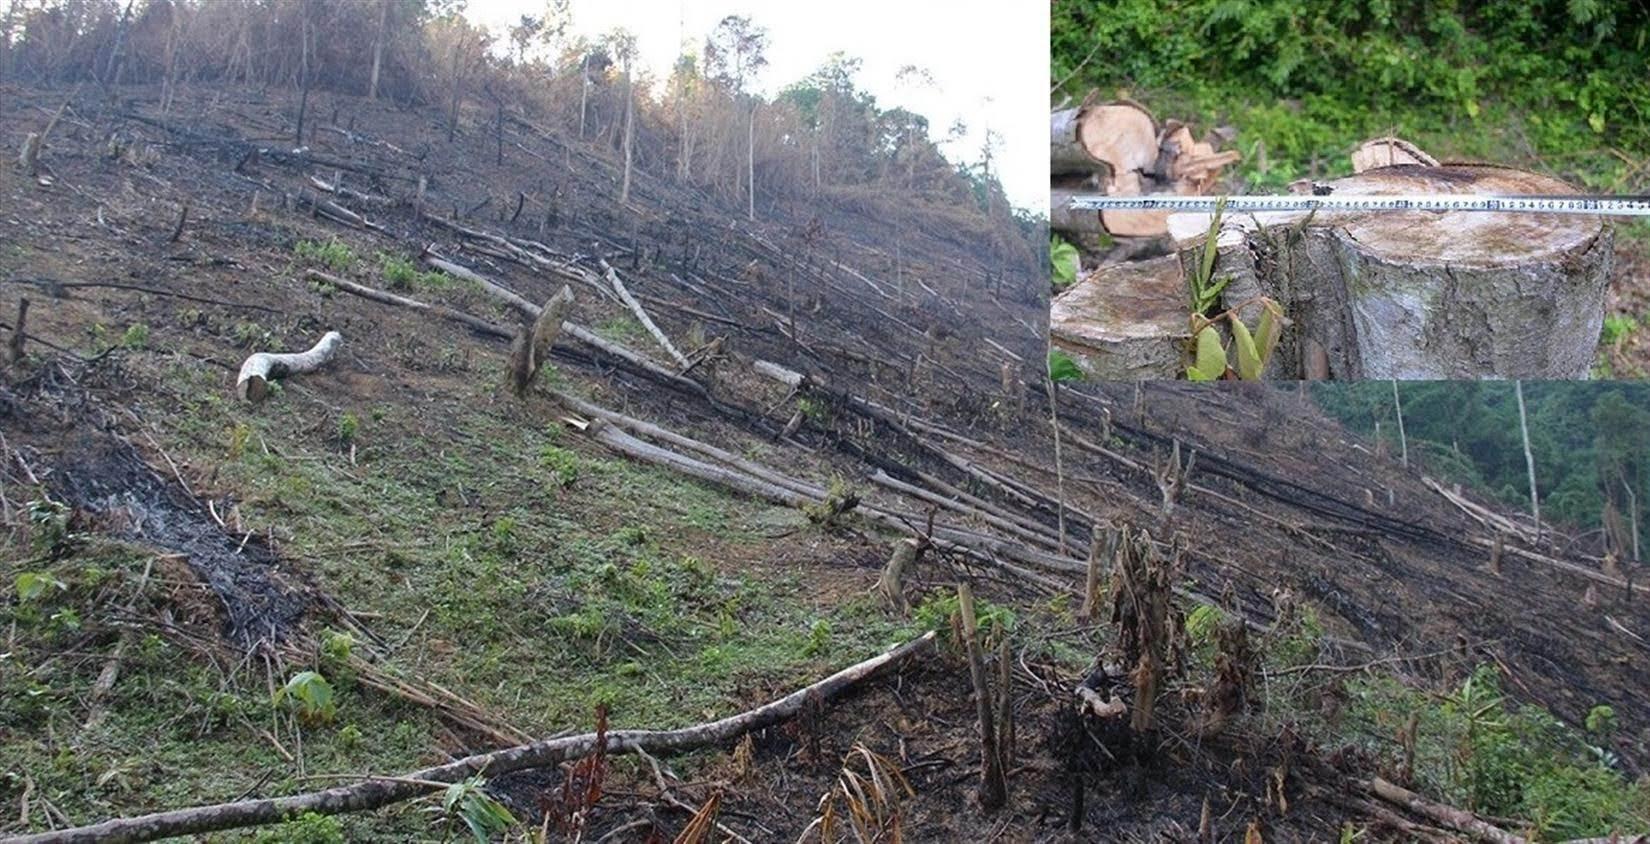 Cận cảnh một gốc cây gỗ bị chặt hạ và khu rừng bị phá của hộ ông Cầm Bá Thơm